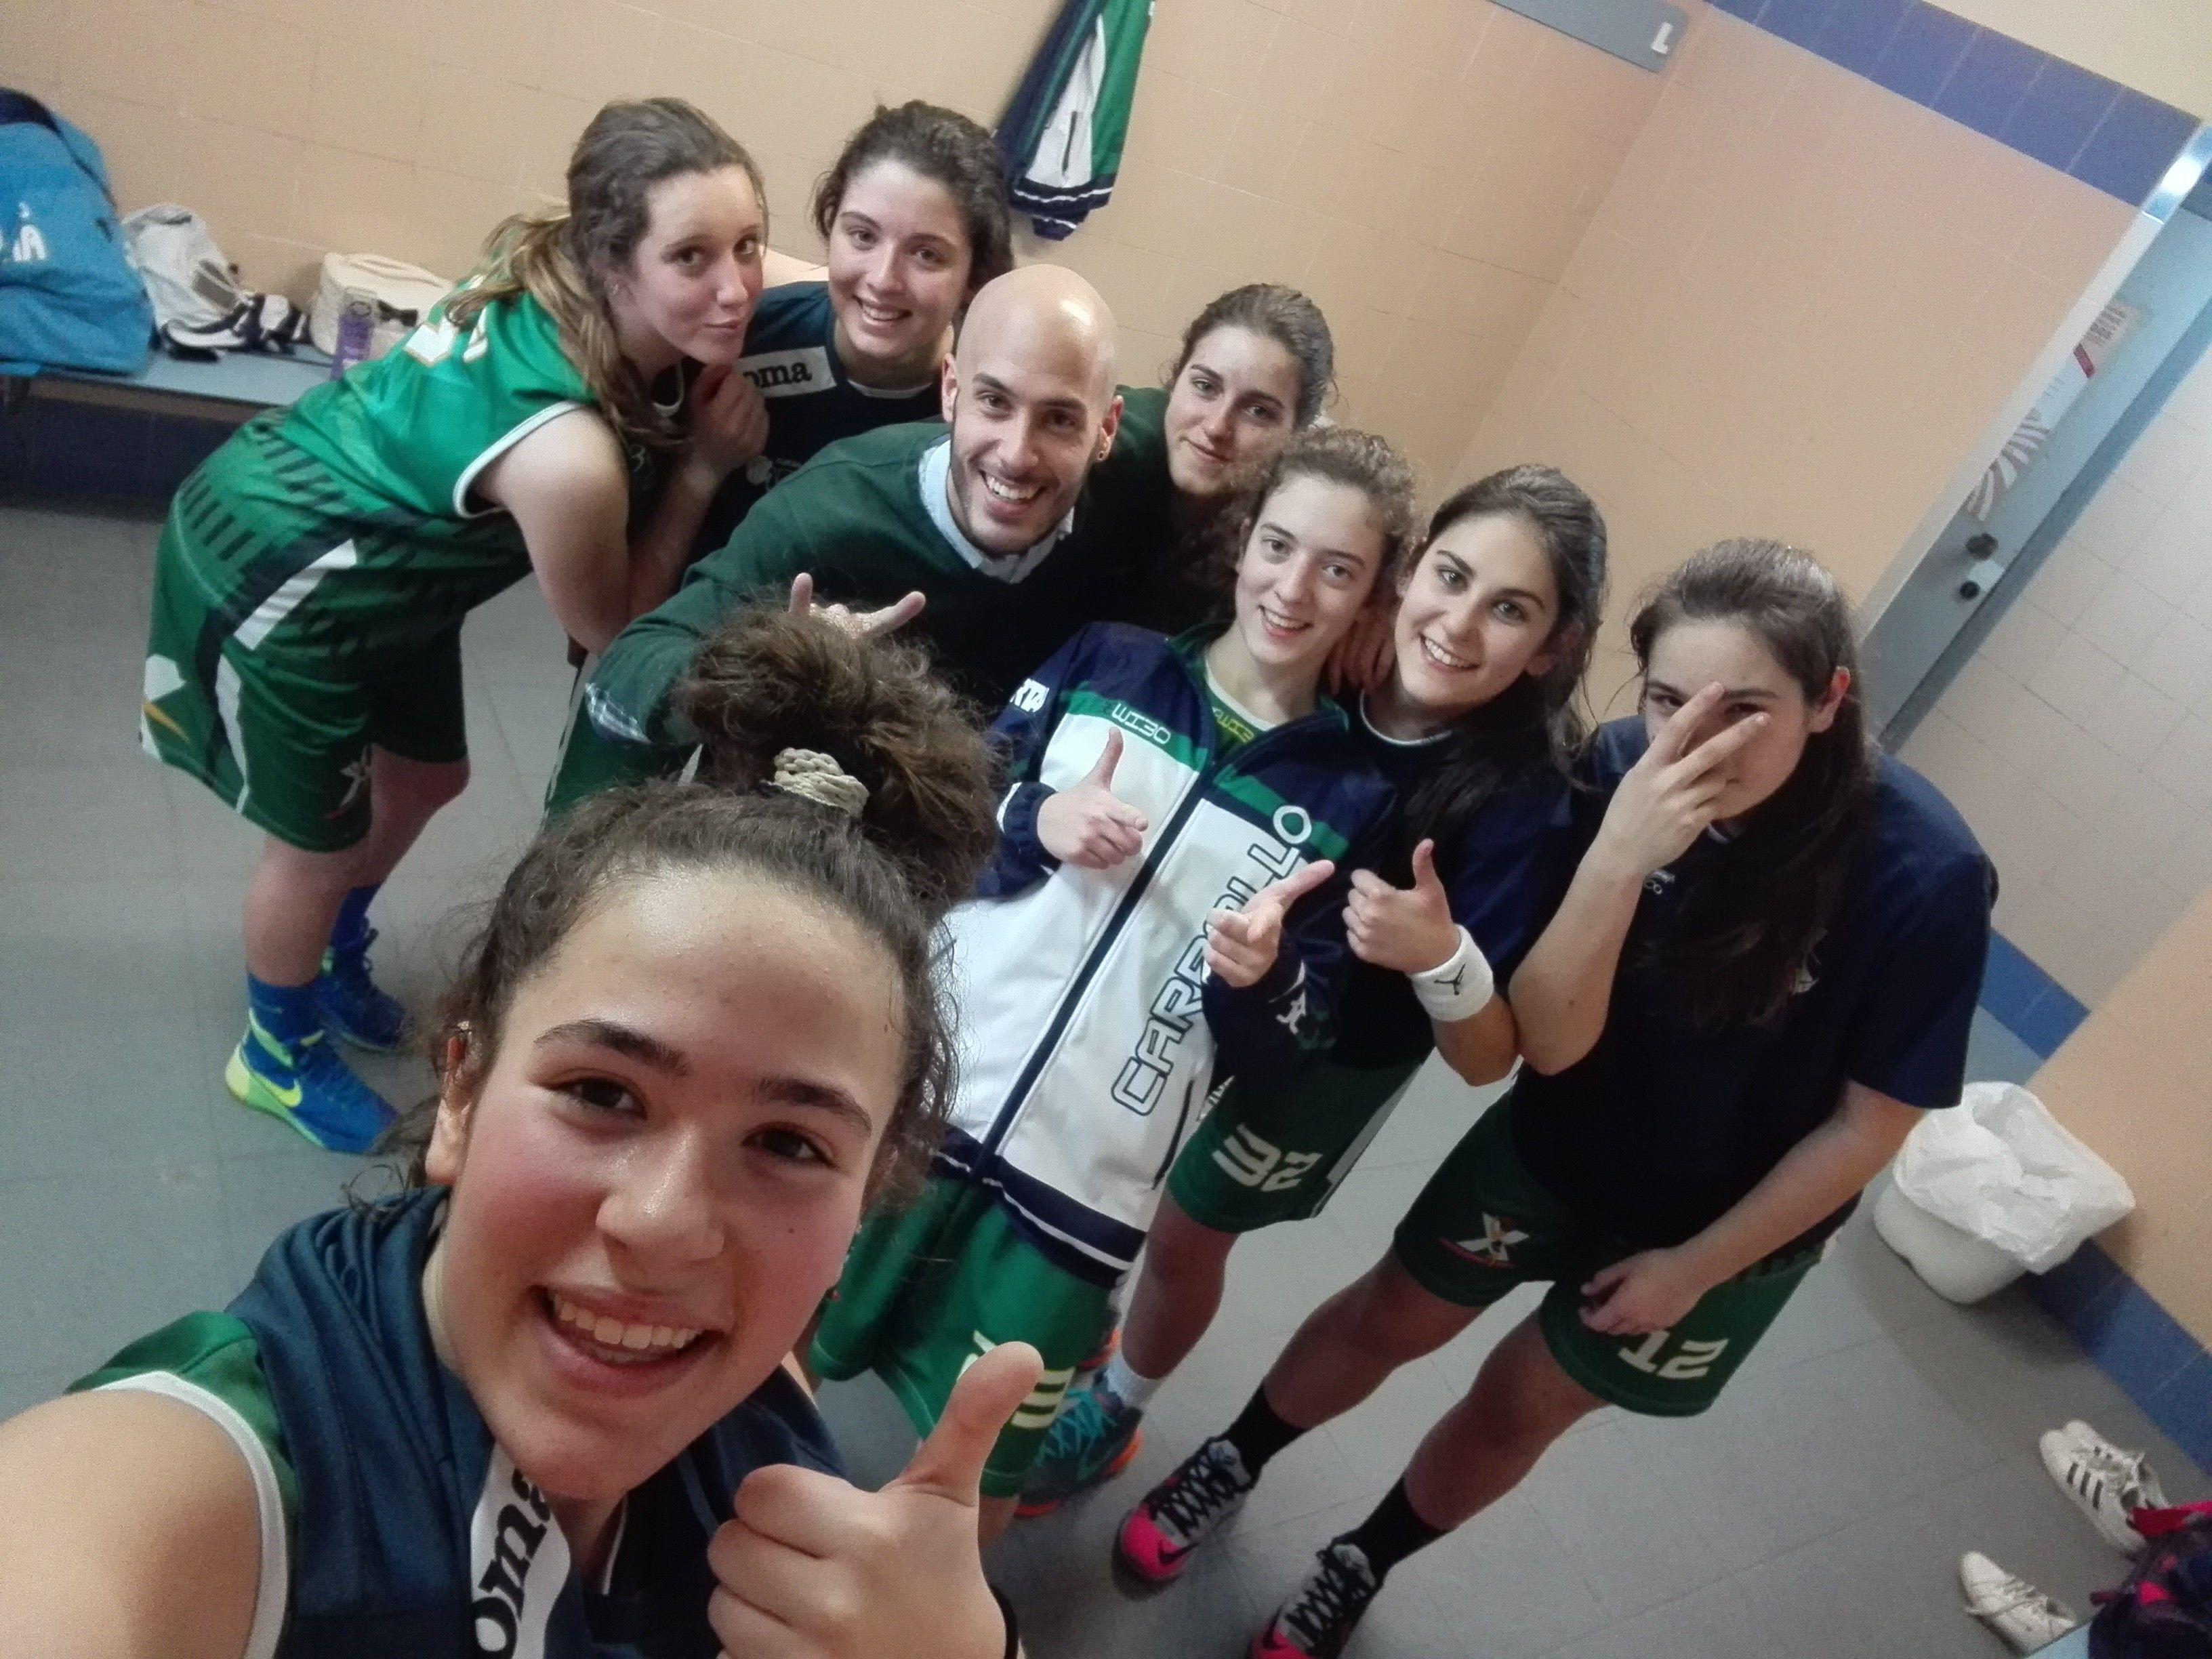 Peugeot Dimolk será el nuevo patrocinador del equipo Junior Femenino de Escola Basket Xiria de Carballo